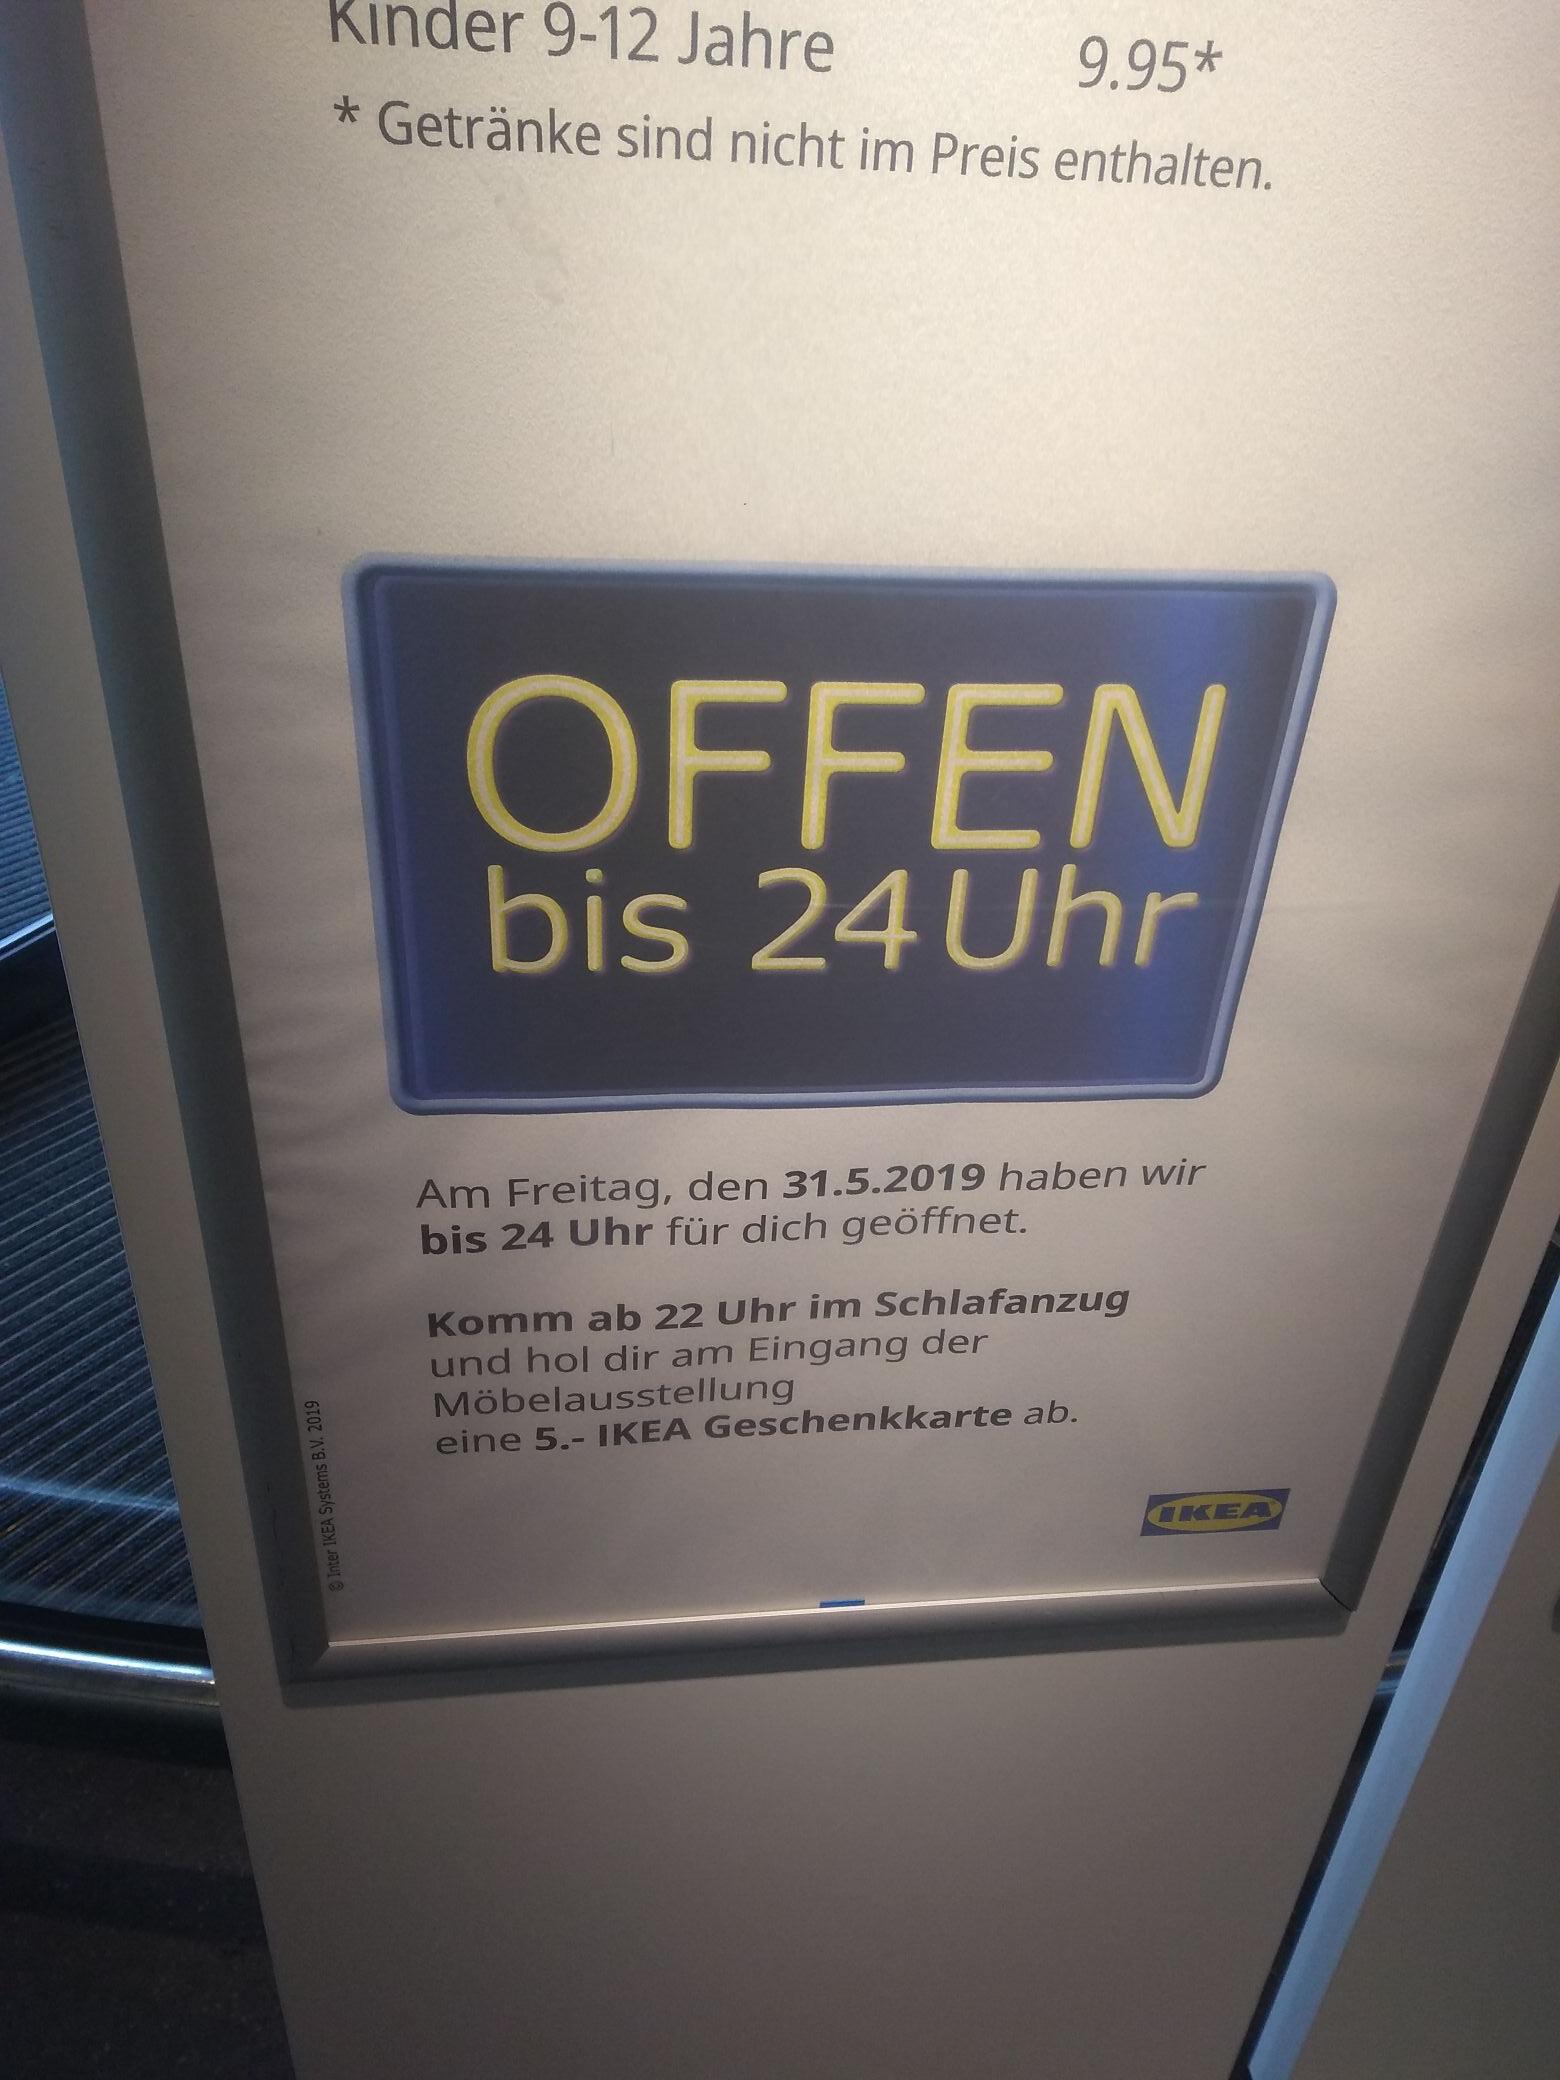 [Lokal IKEA Bielefeld] [31.05] Latenight Shopping-Ab 22:00 Uhr 5€ Gutschein wenn man im Schlafanzug kommt